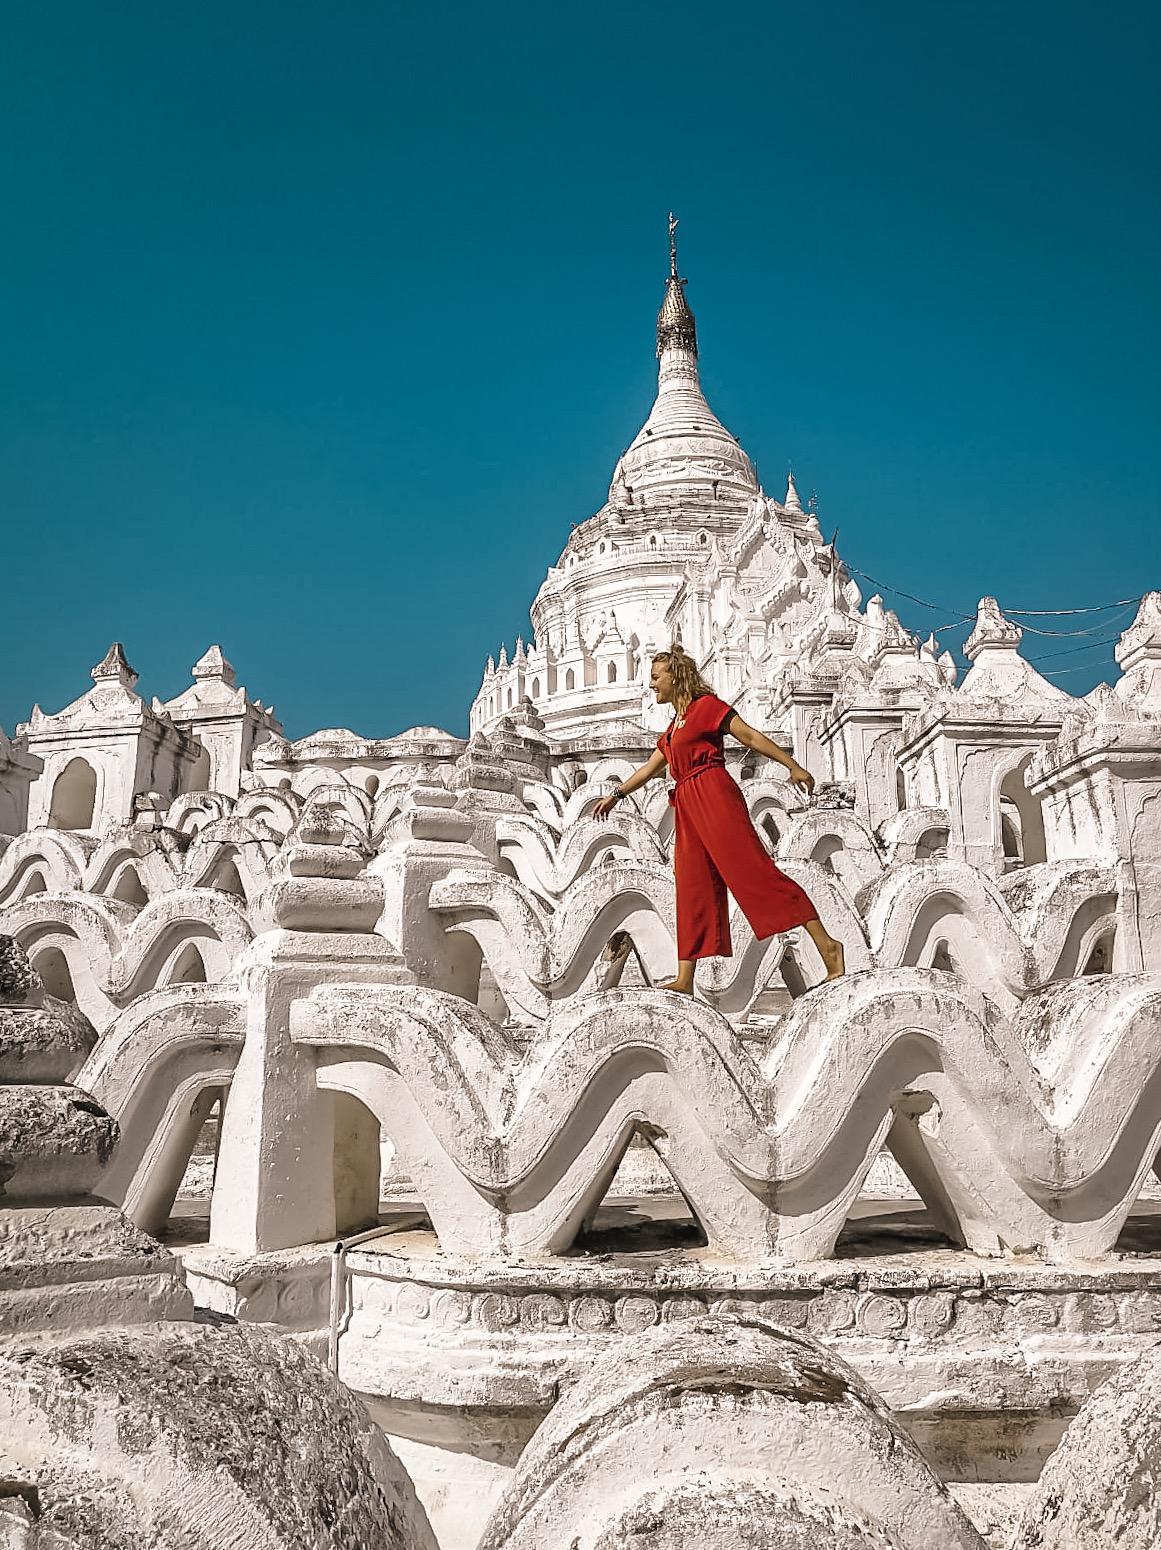 Walking across the waves of Myatheindan Pagoda